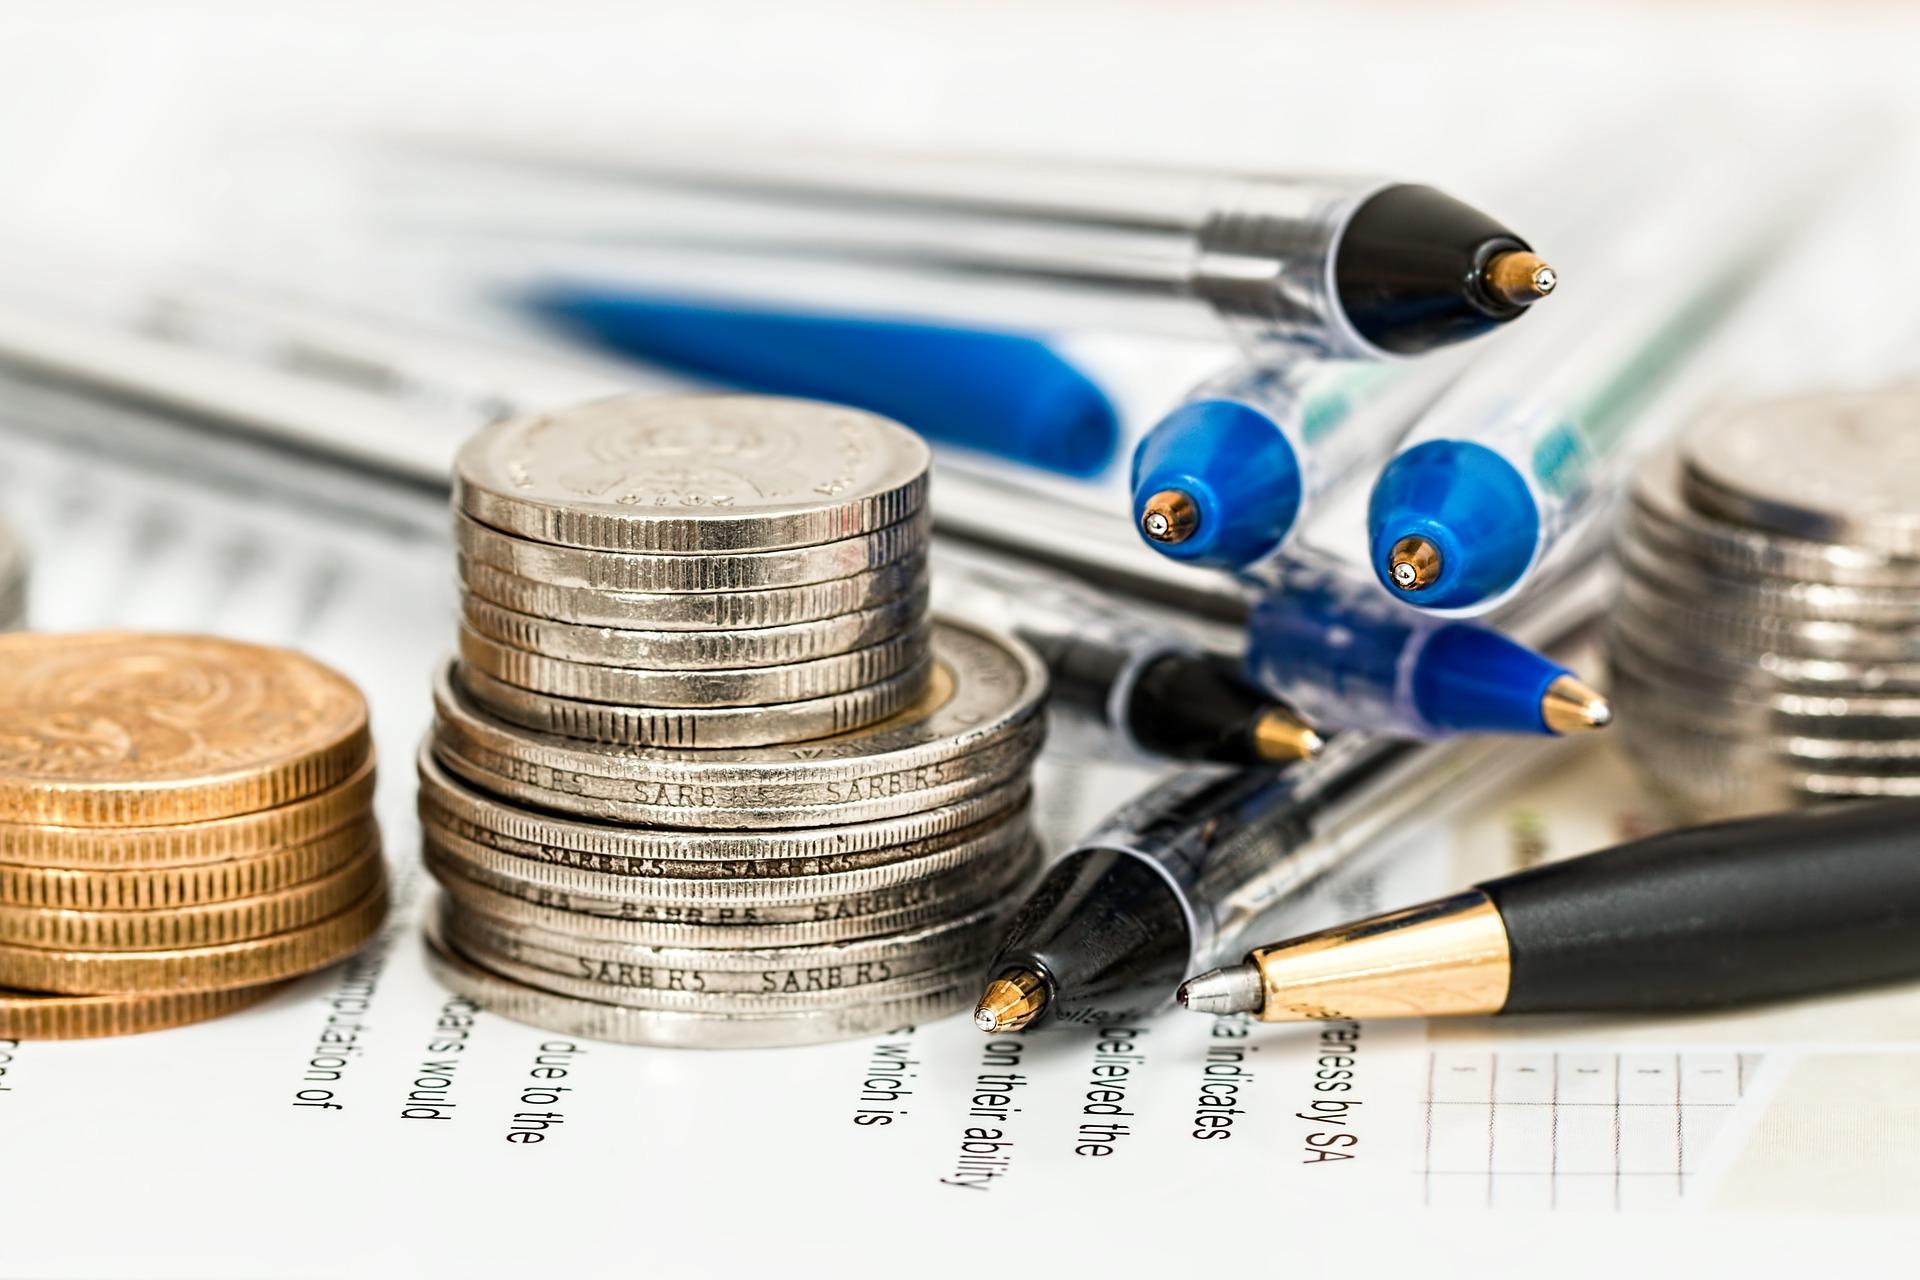 Lokaty terminowe - co to? Długopisy i akcesoria biurowe obok stosu monet